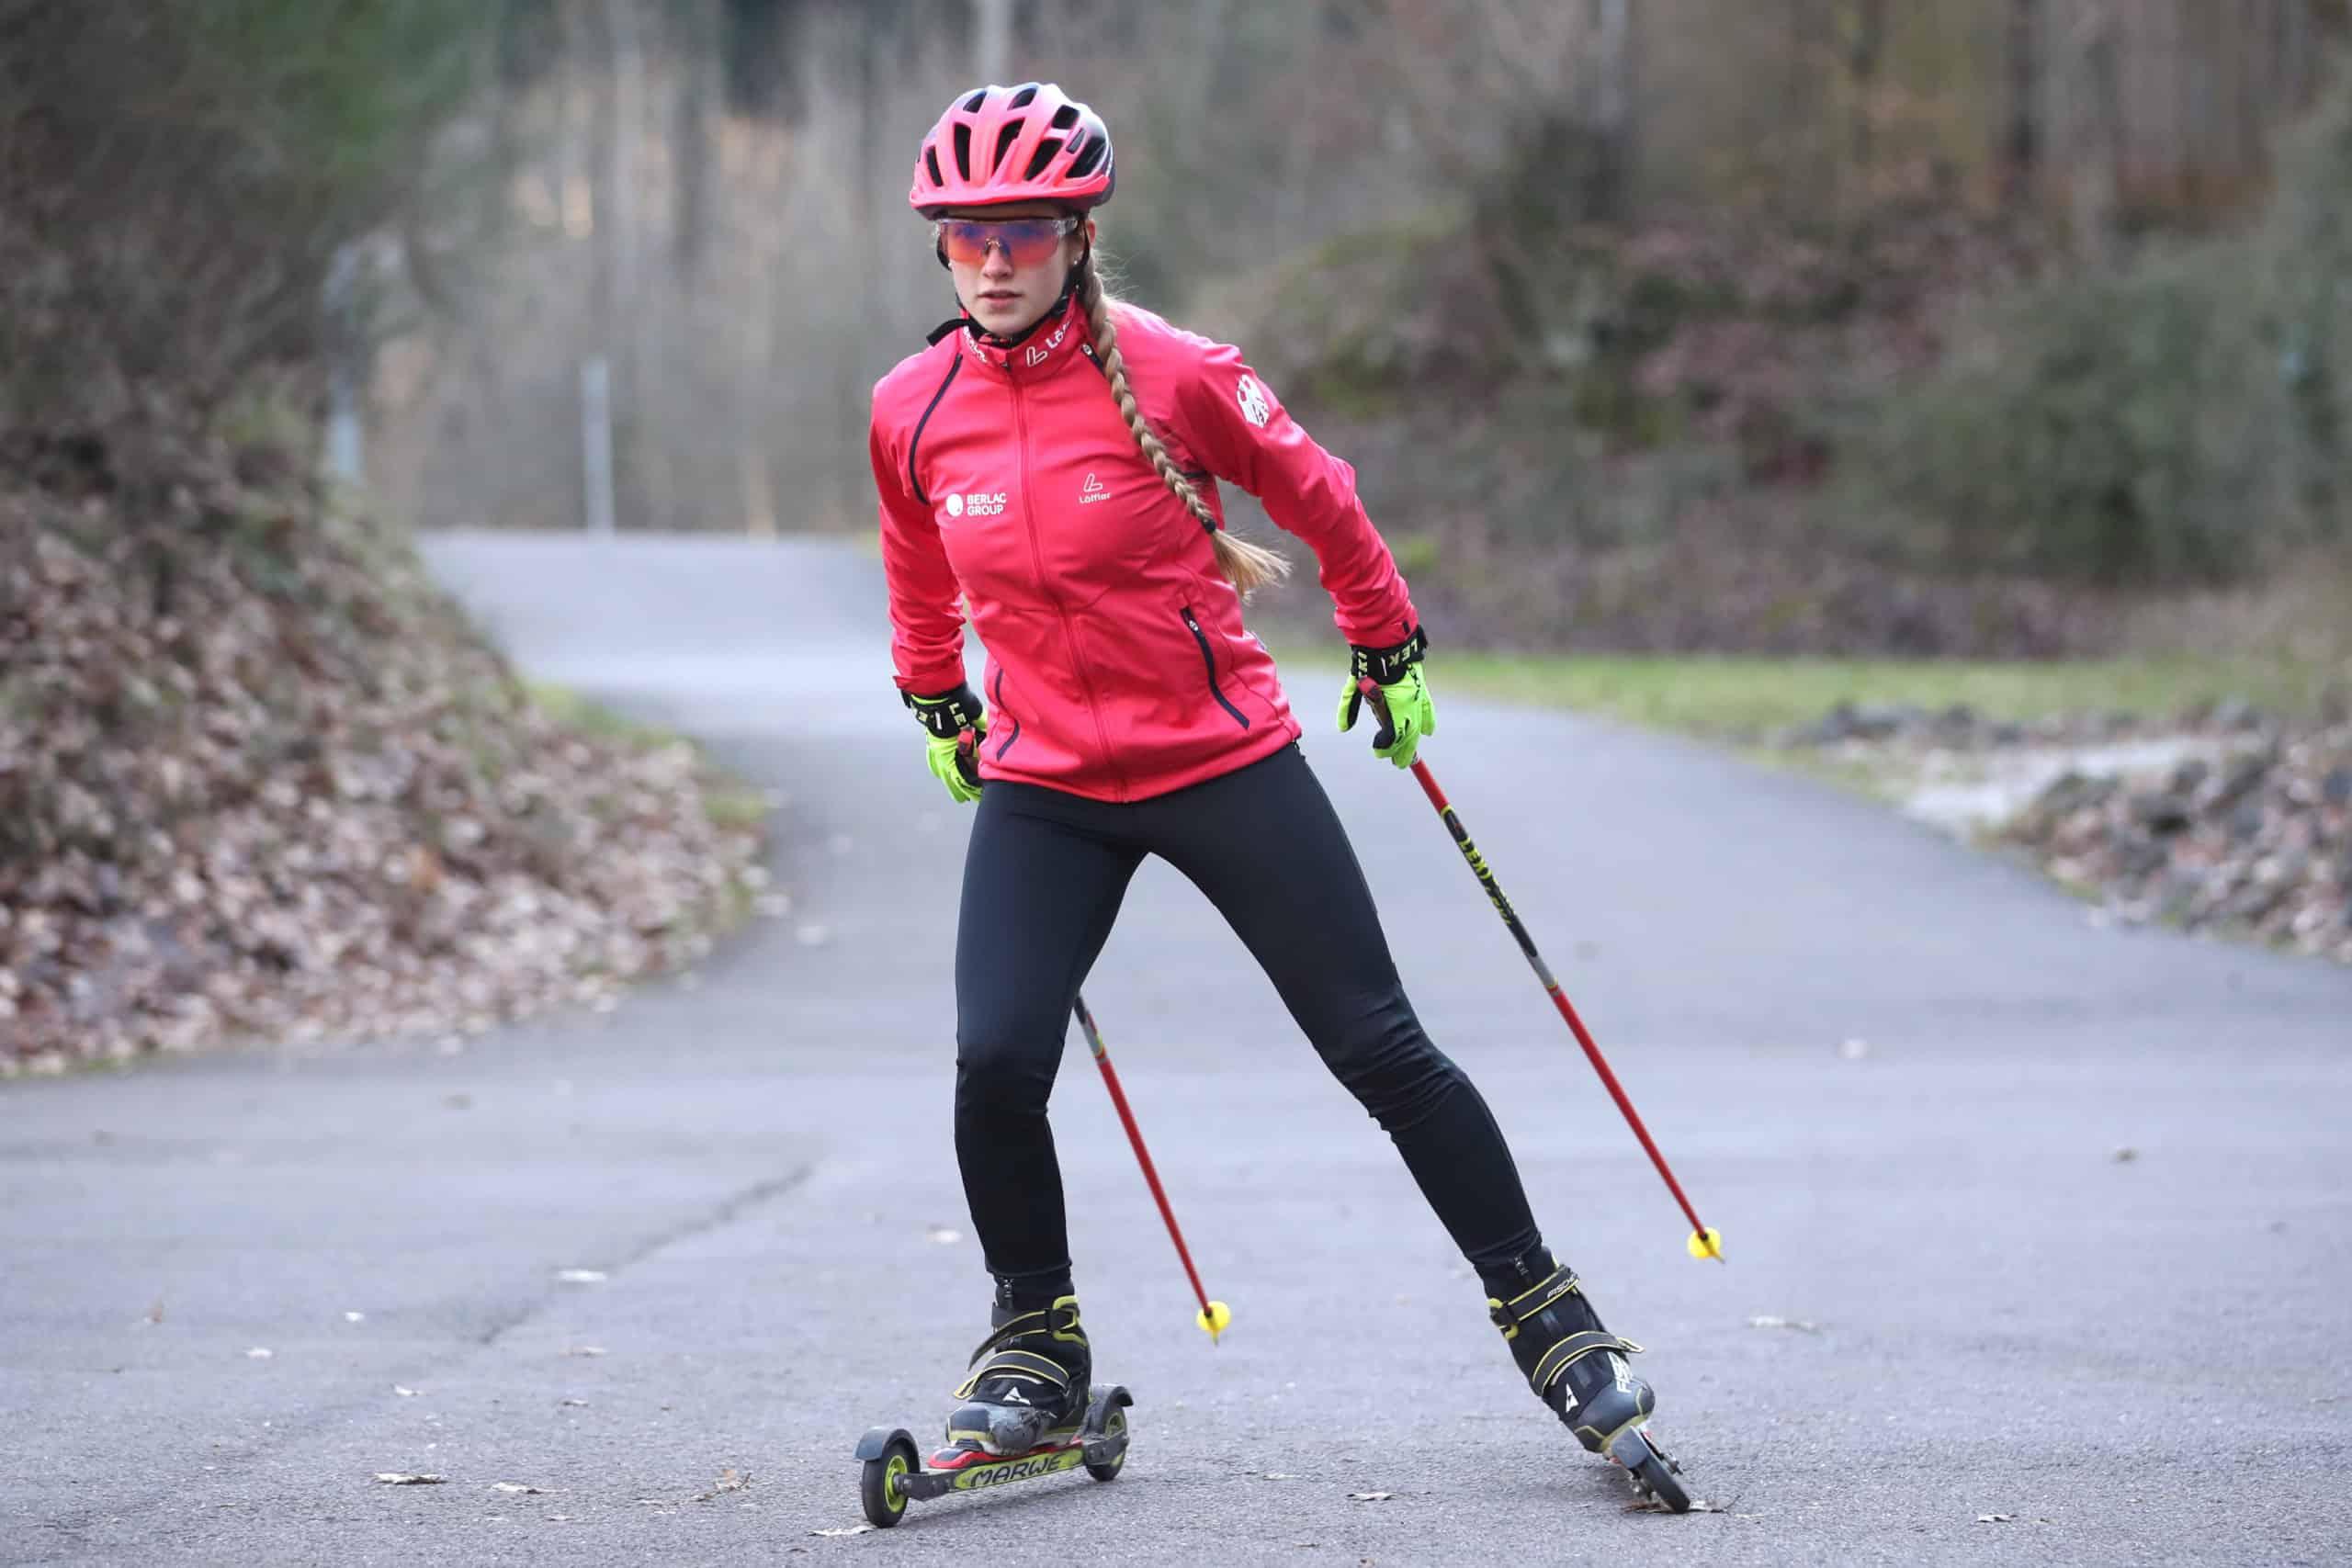 Johanna beim Trainieren auf Rollerskiern,